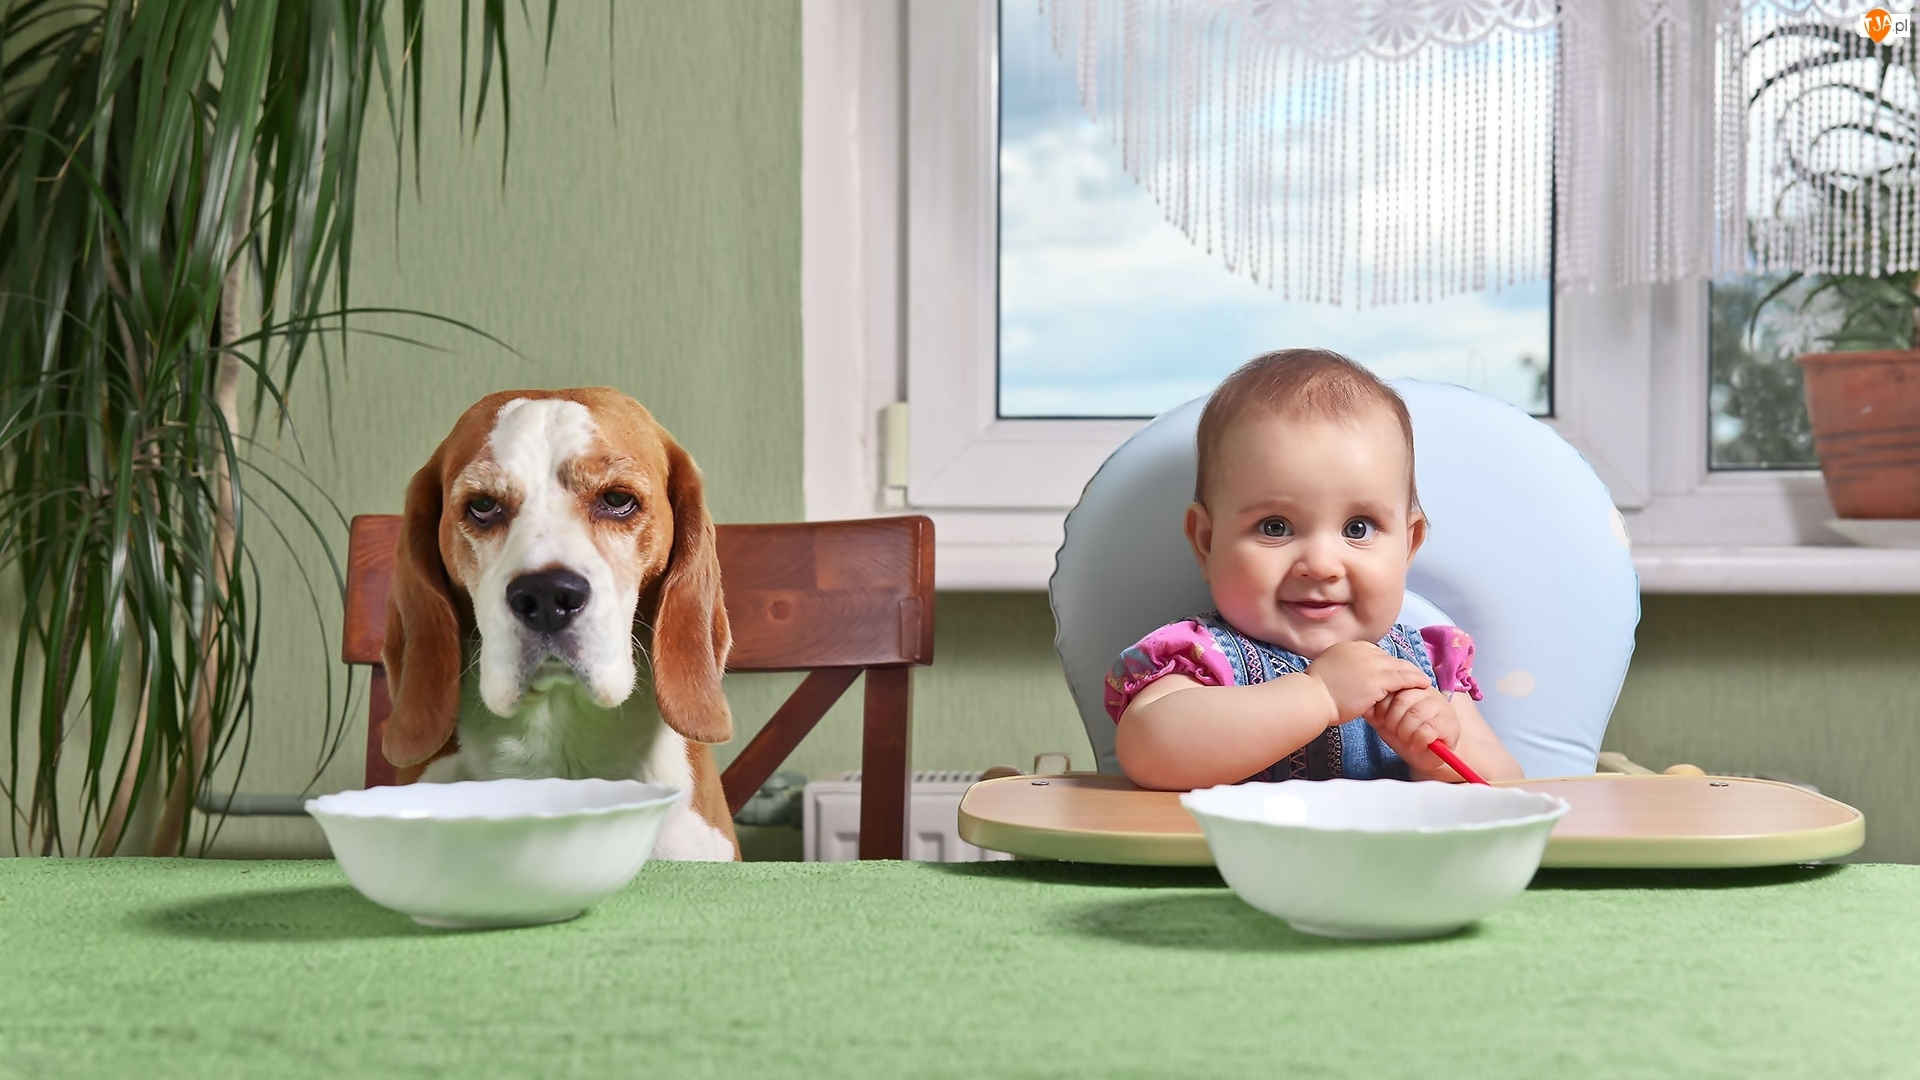 Śmieszne, Dziecko, Beagle, Pies, Jedzenie